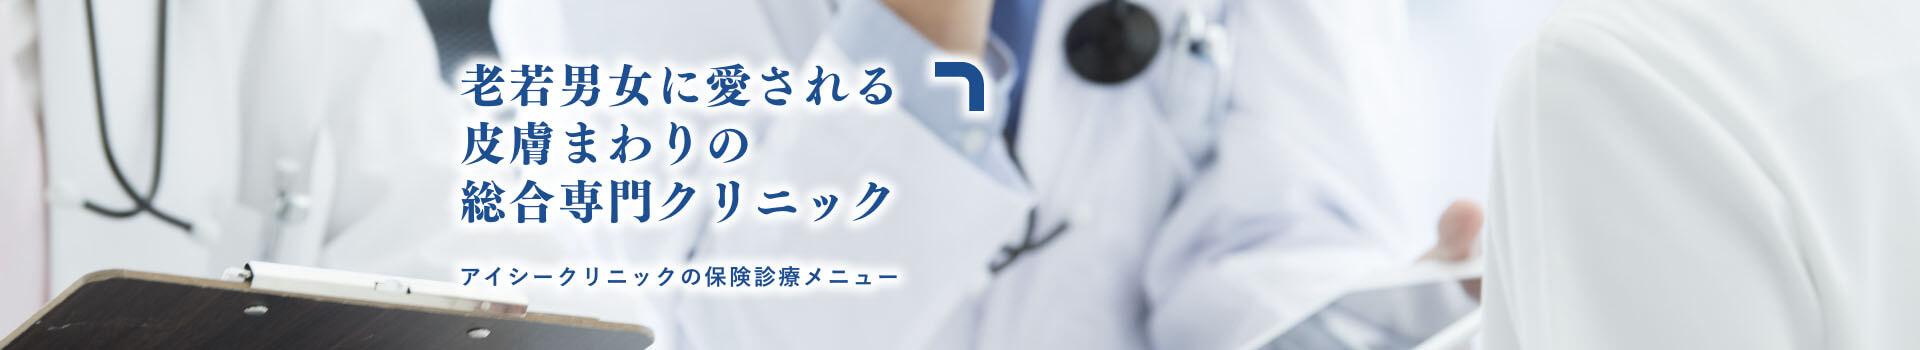 アイシークリニック の保険診療メニュー